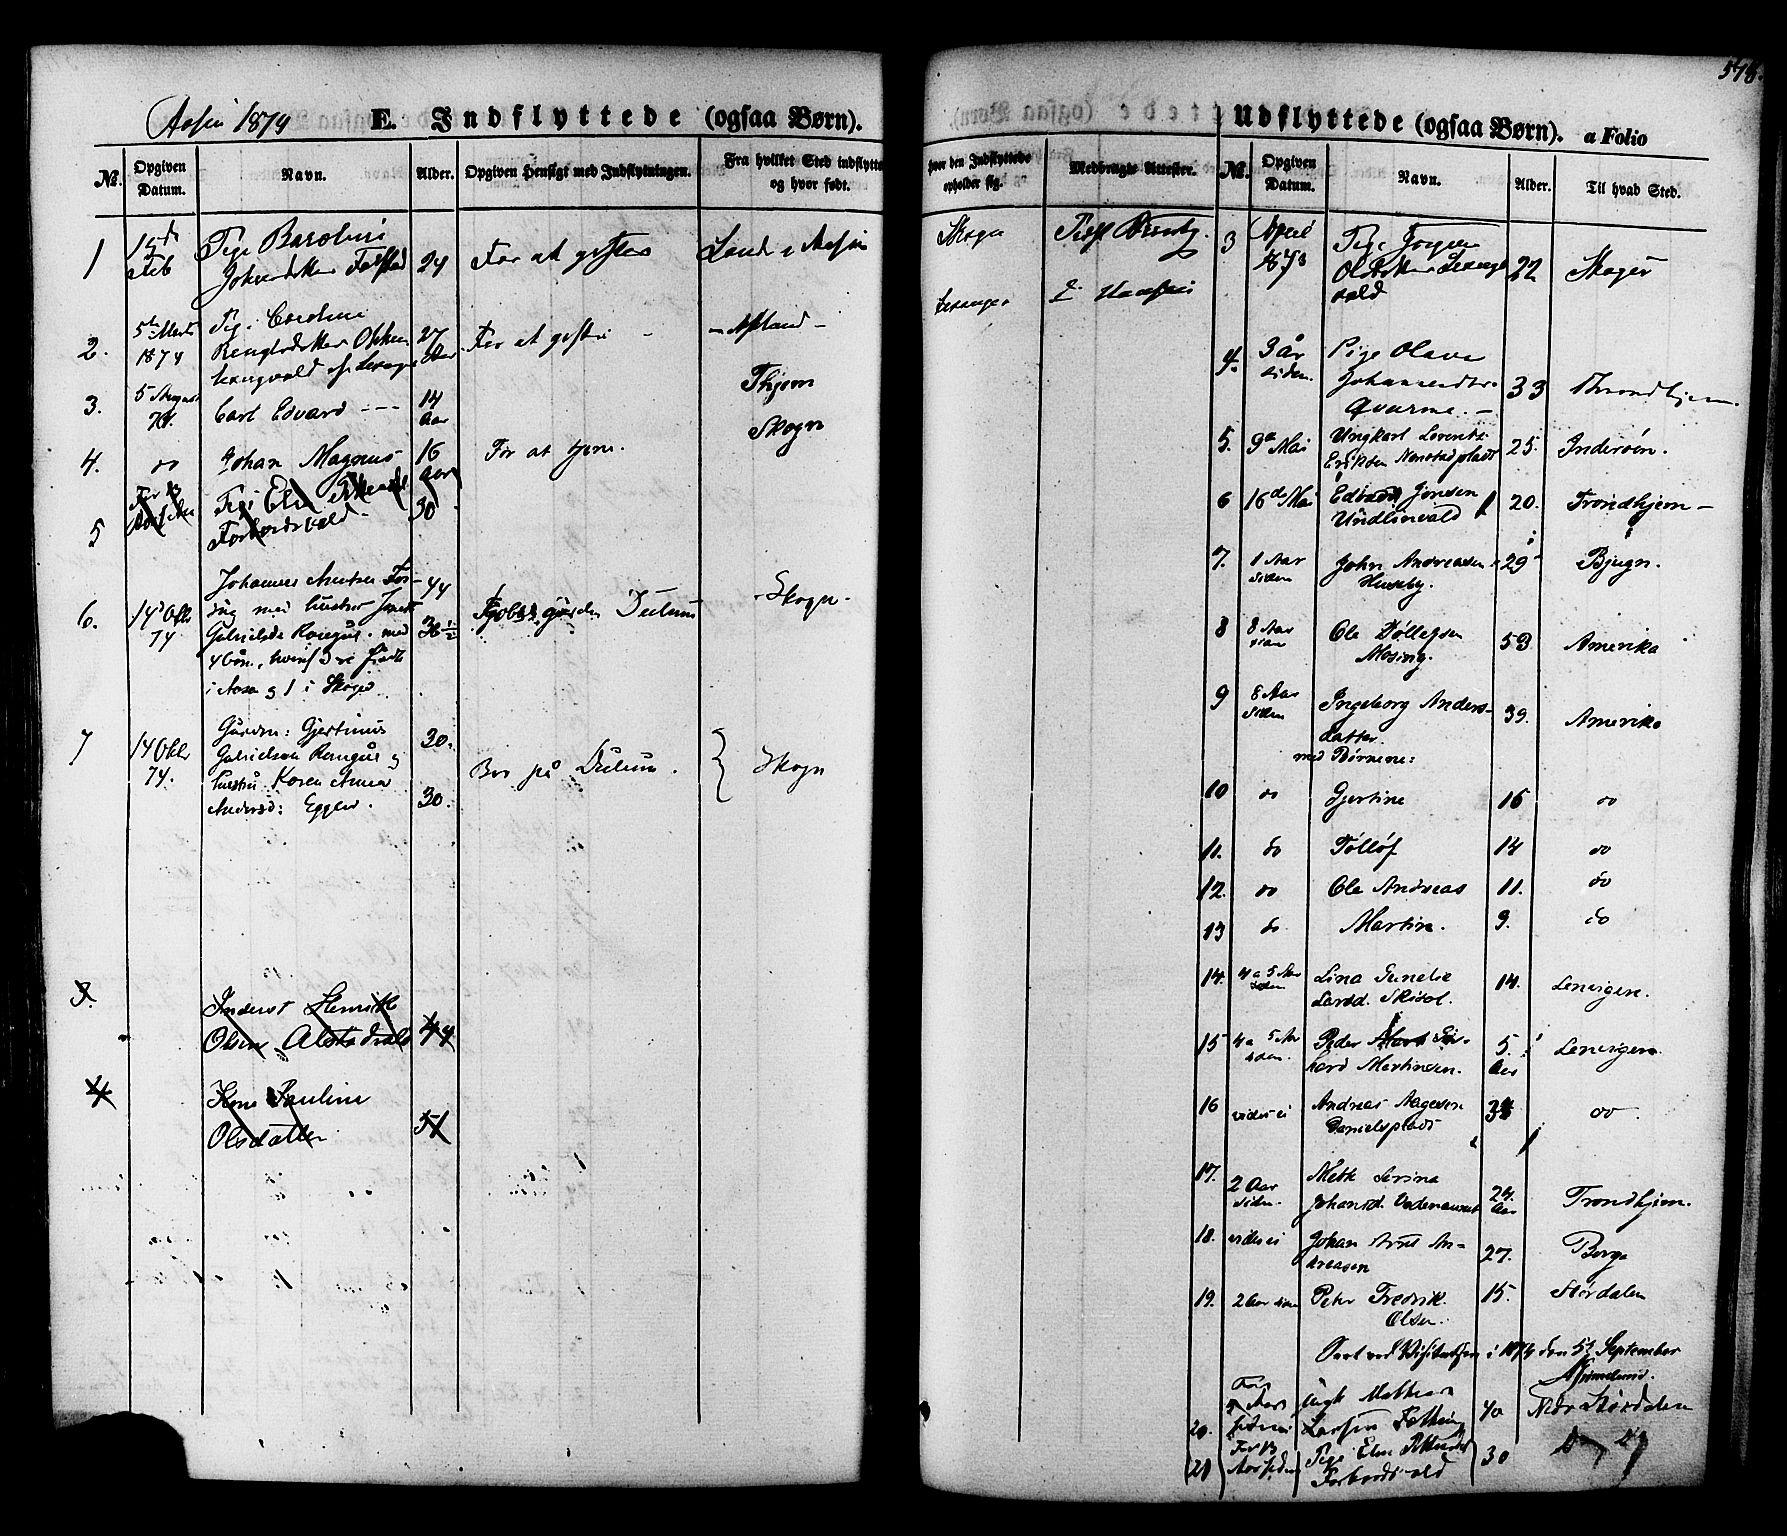 SAT, Ministerialprotokoller, klokkerbøker og fødselsregistre - Nord-Trøndelag, 713/L0116: Ministerialbok nr. 713A07 /2, 1850-1877, s. 578